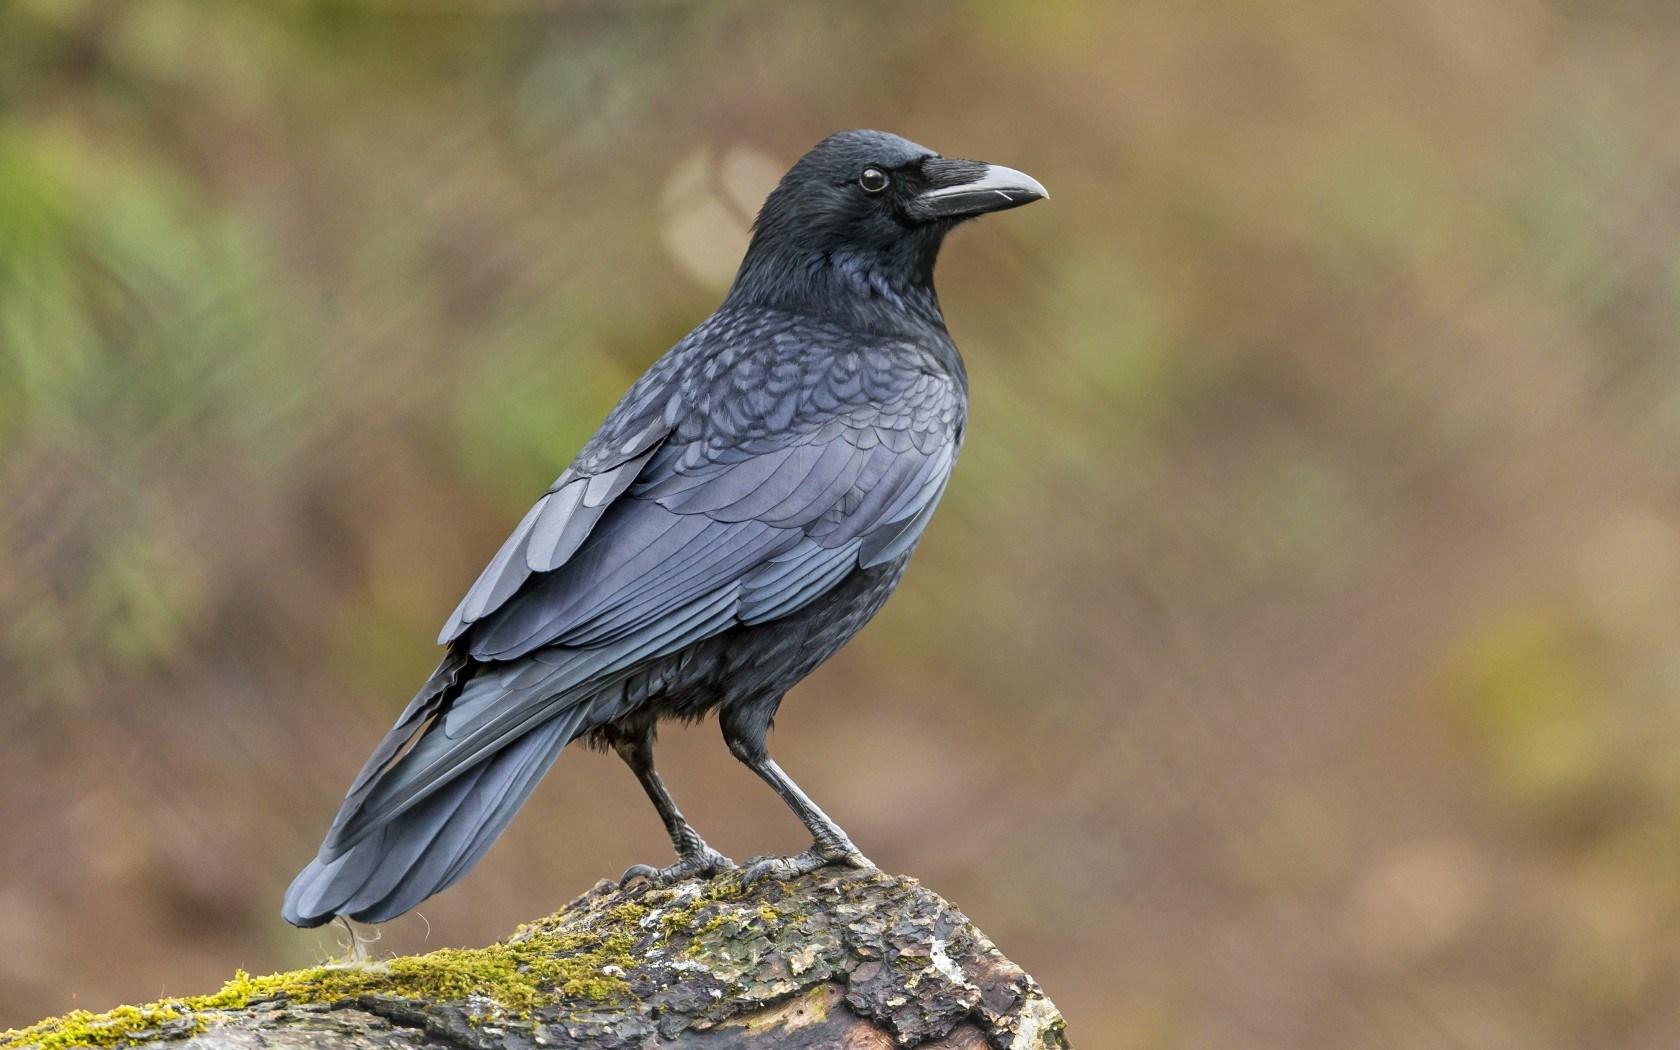 Raven Bird Moss Hd Wallpaper